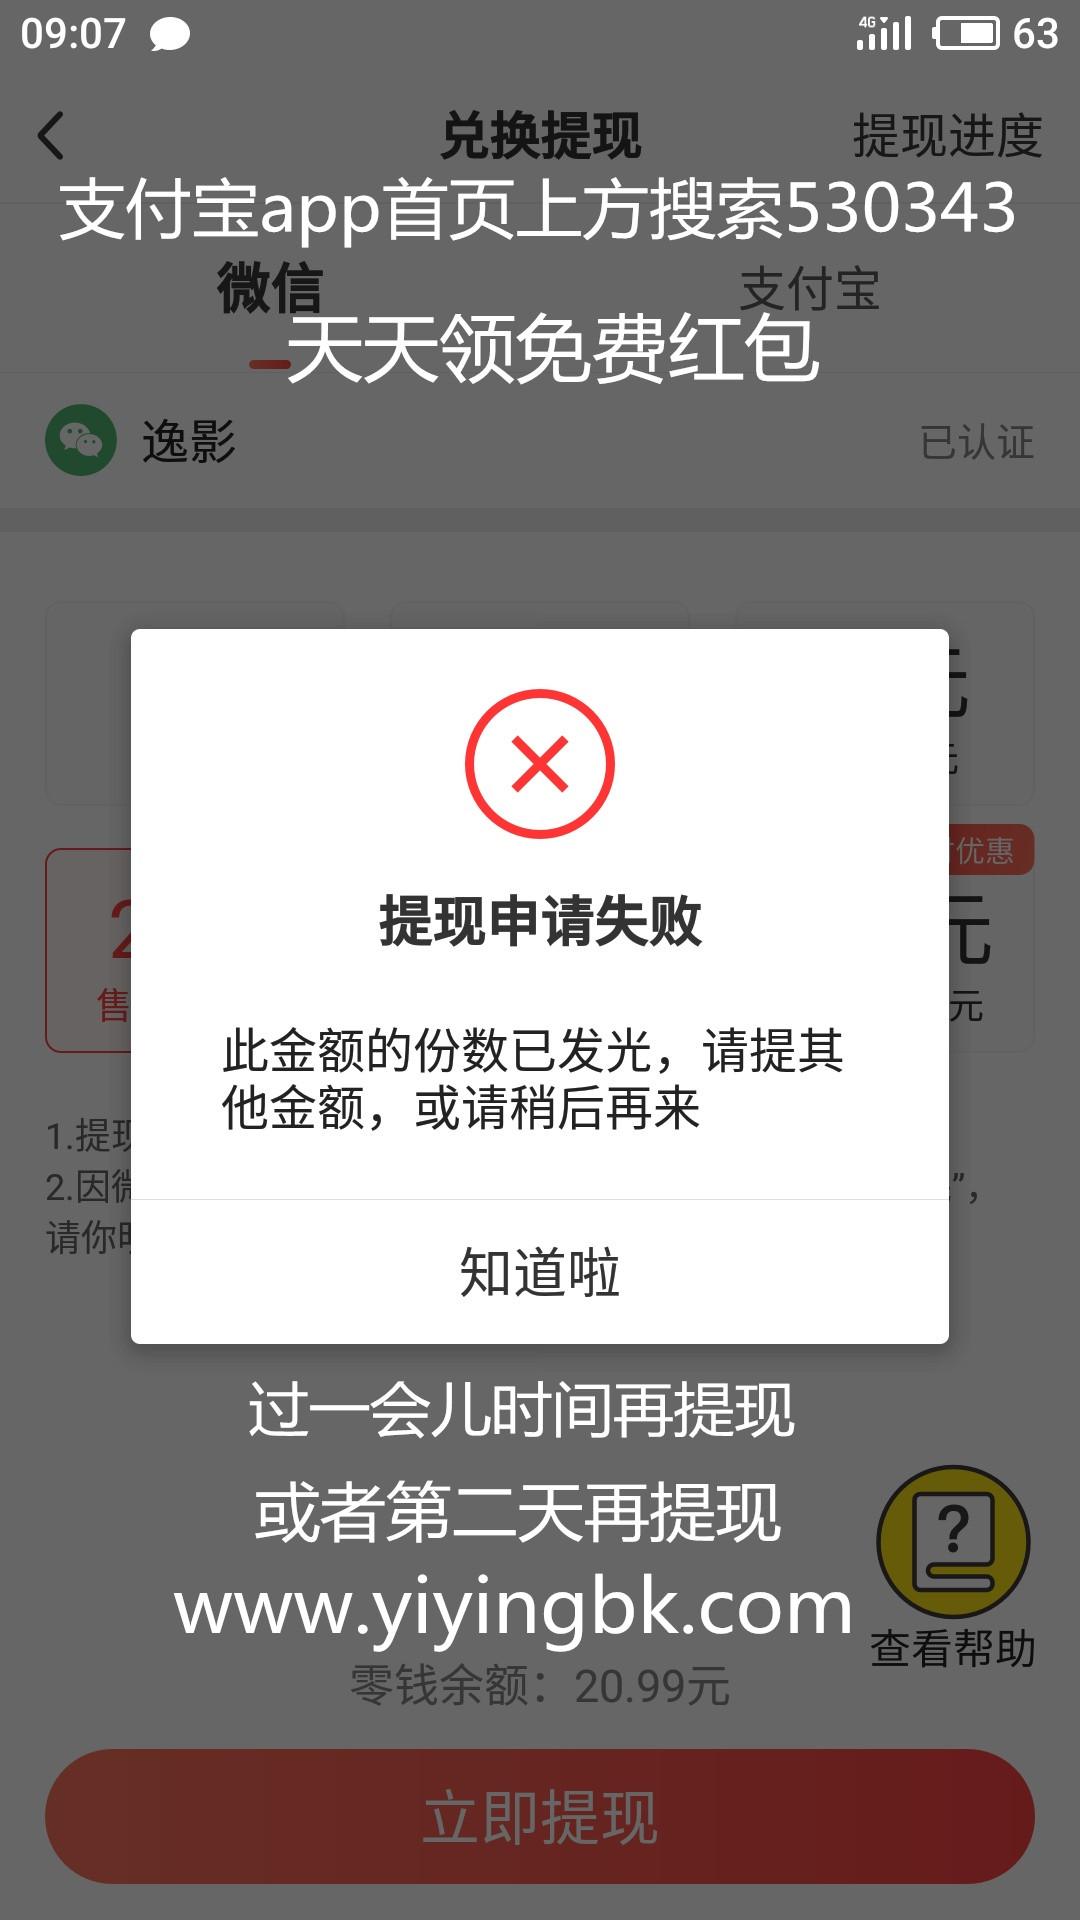 微鲤看看app提现申请失败